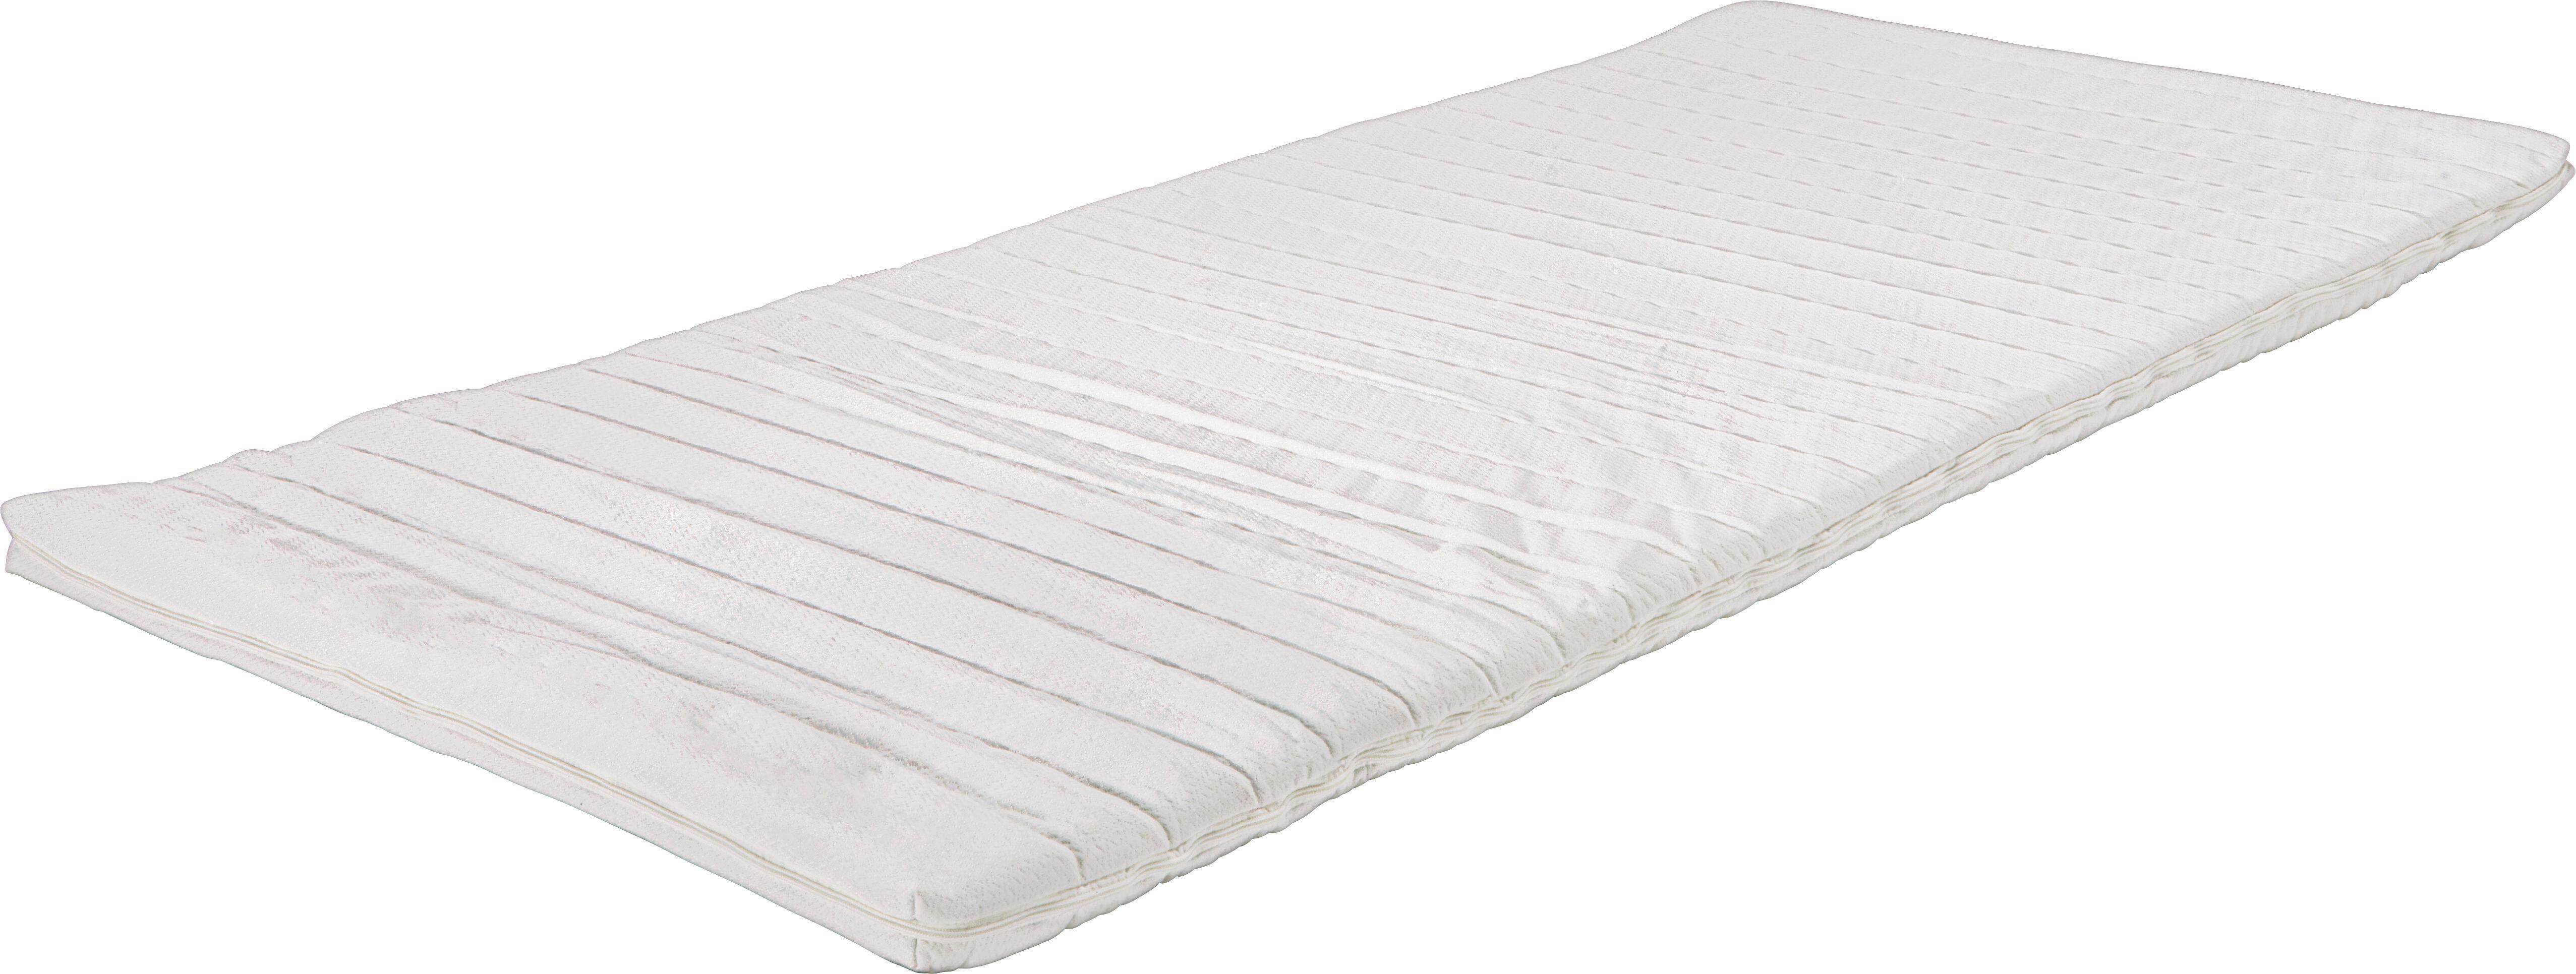 TOPPER Kaltschaumkern ca. 80x200cm - KONVENTIONELL, Textil (80/200cm) - NADANA